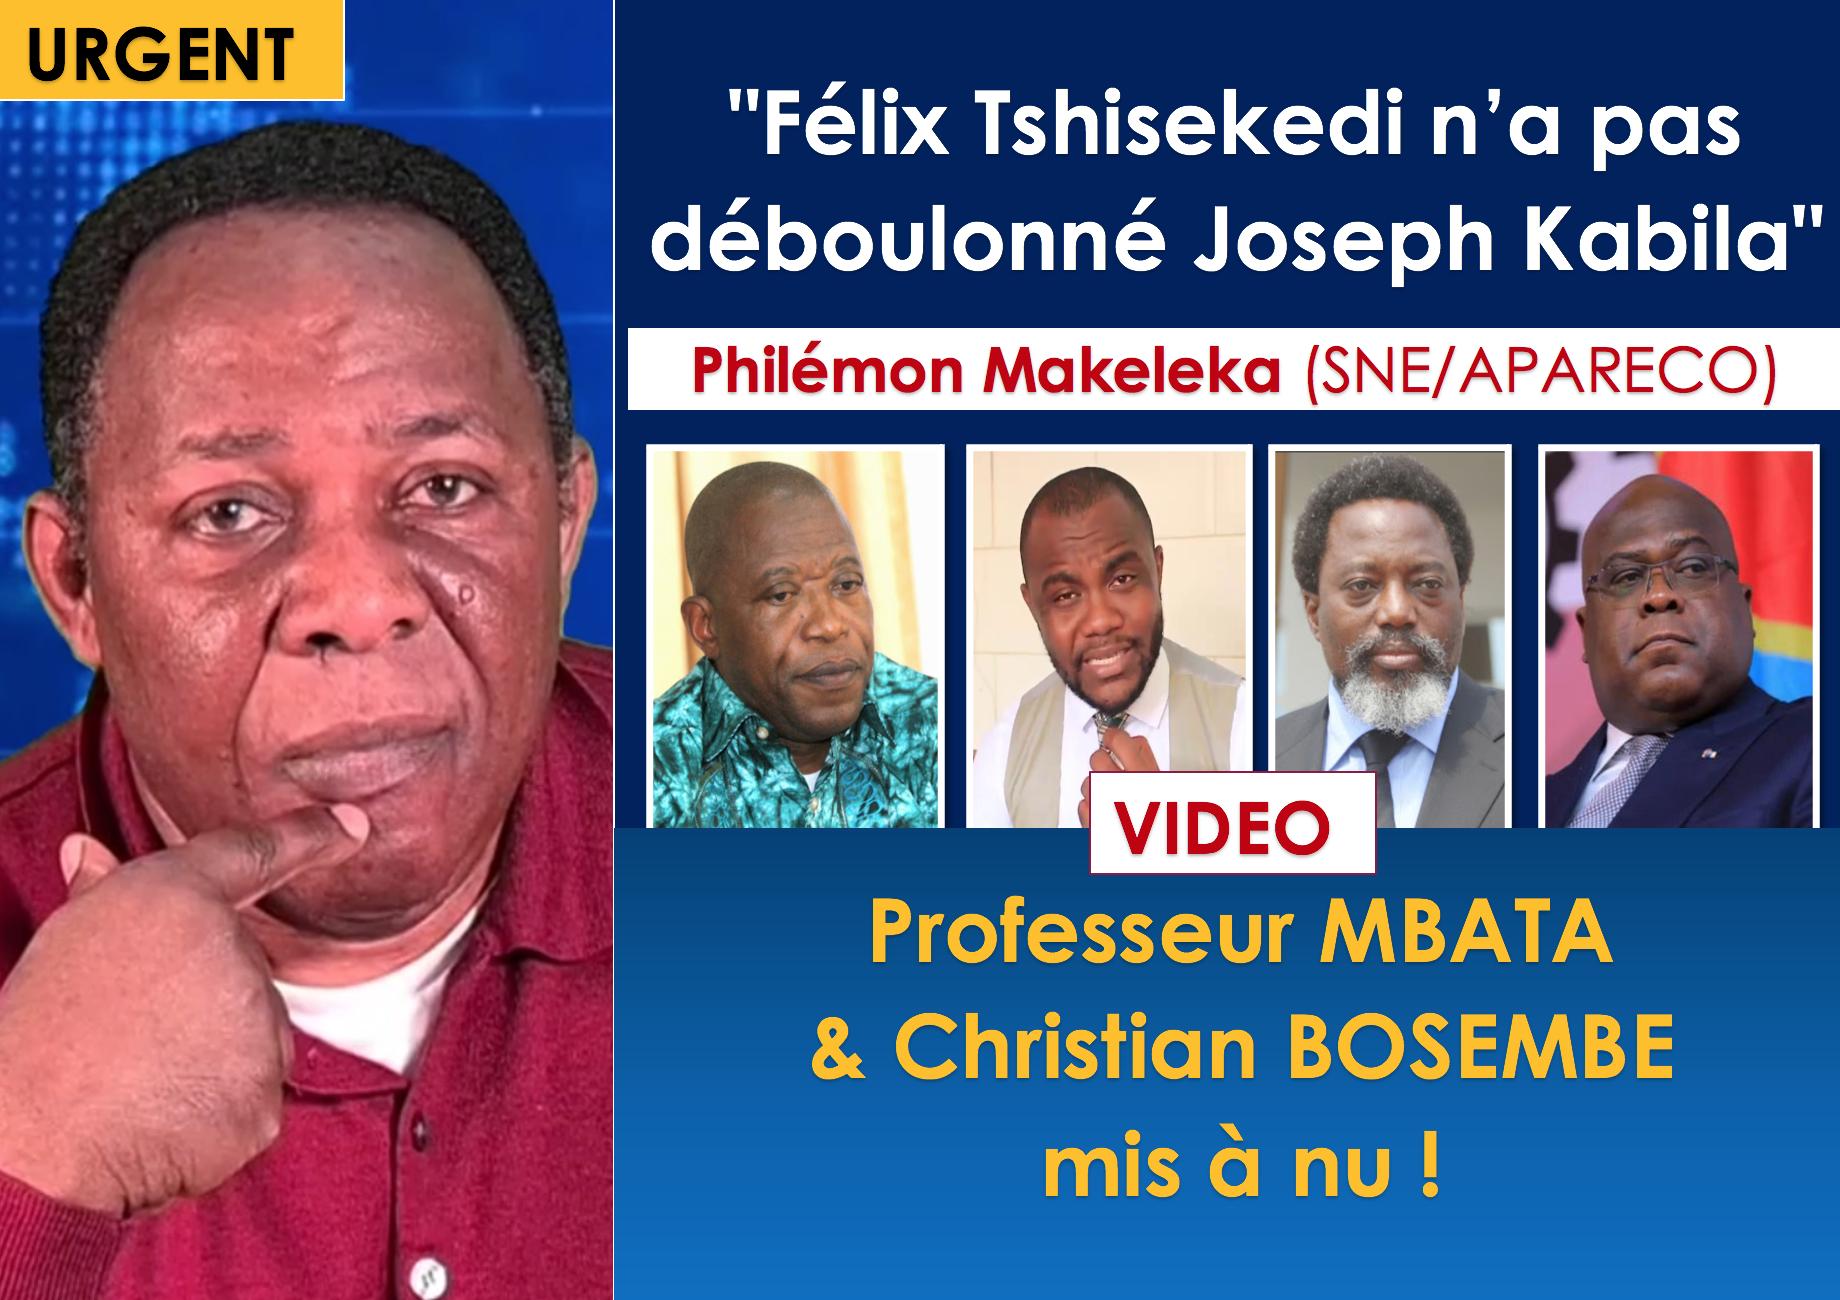 """VIDEO/ """"Félix Tshisekedi n'a pas déboulonné Joseph Kabila""""-Philémon Makeleka (SNE/APARECO) Professeur MBATA Christian BOSEMBE mis à nu!"""